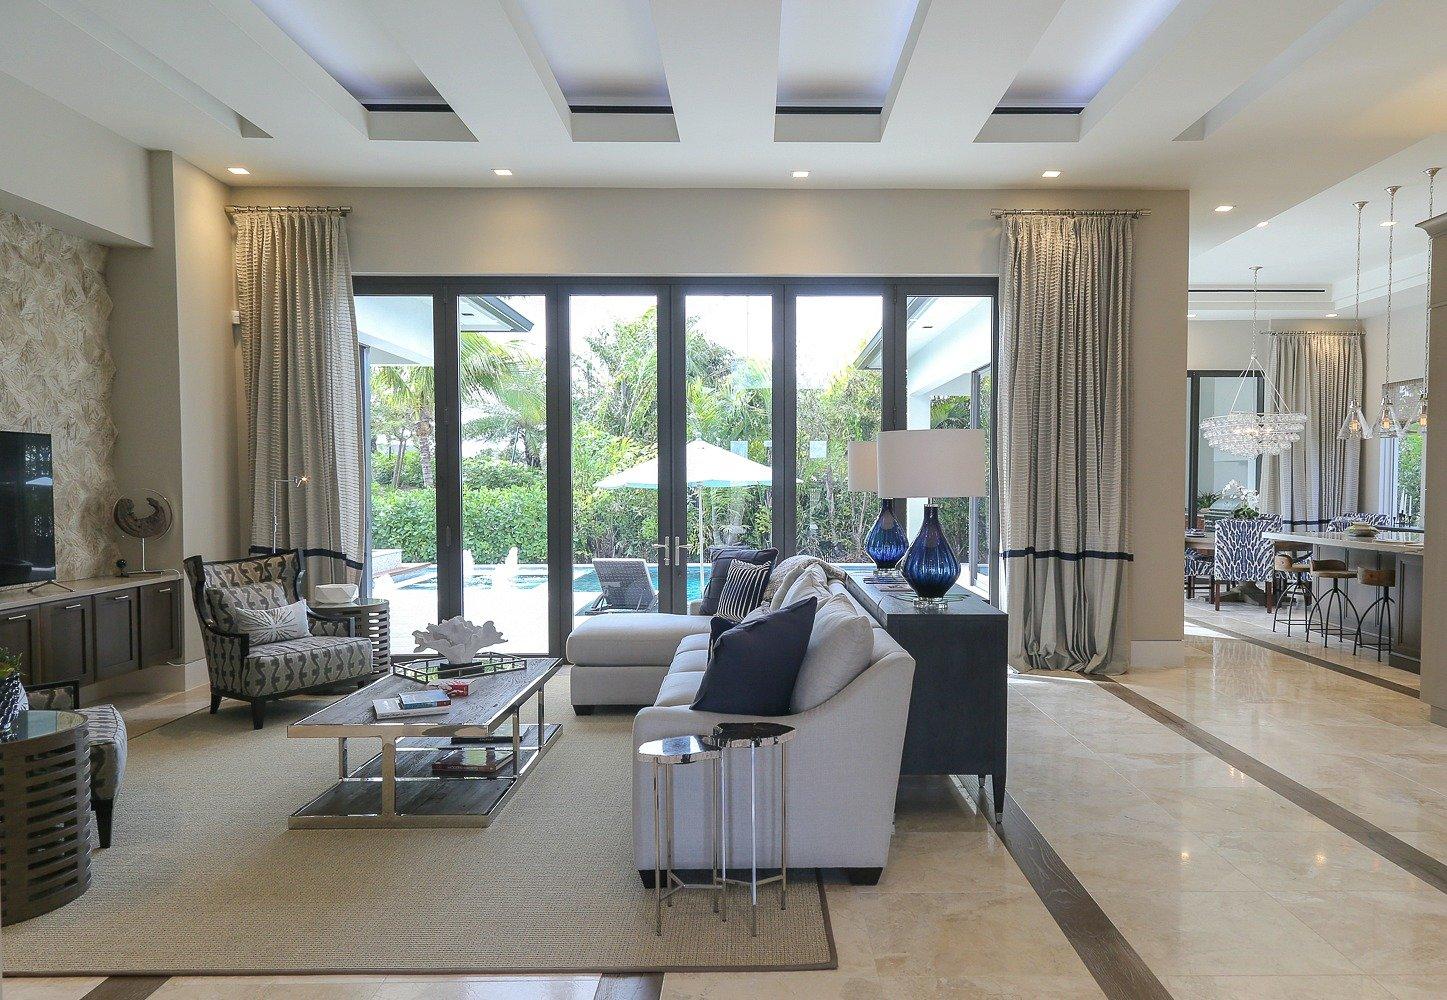 Naples Florida Home Interior Design